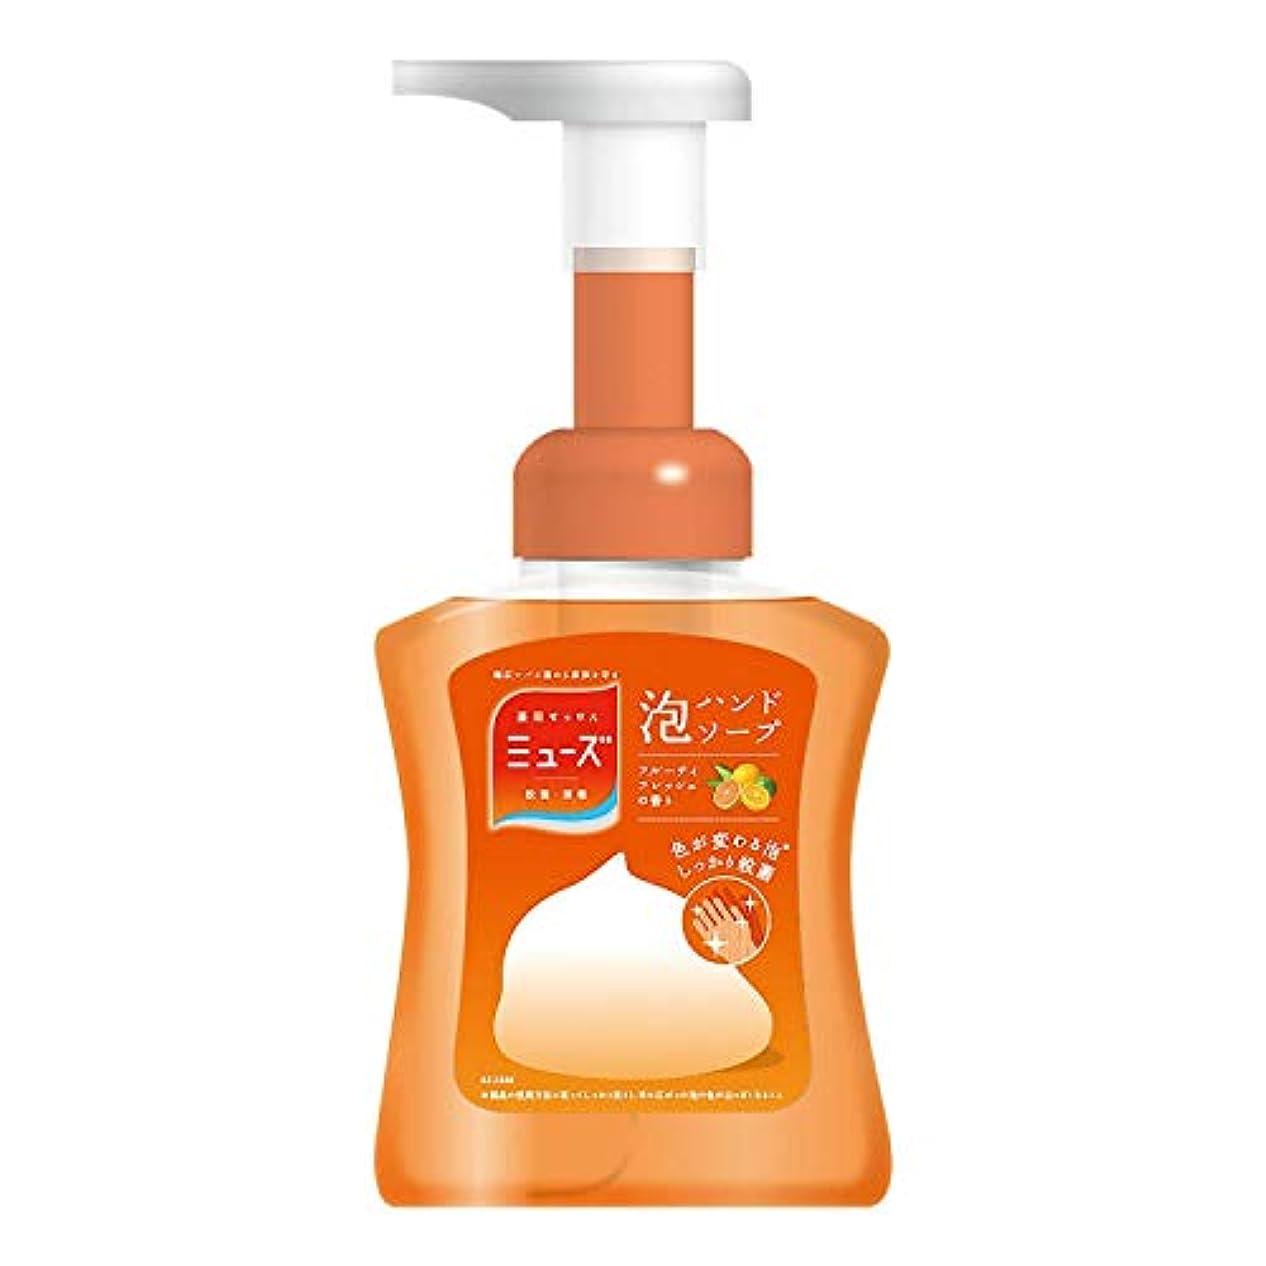 【医薬部外品】ミューズ 泡 ハンドソープ フルーティフレッシュの香り 色が変わる泡 本体ボトル 250ml 殺菌 消毒 手洗い 保湿成分配合